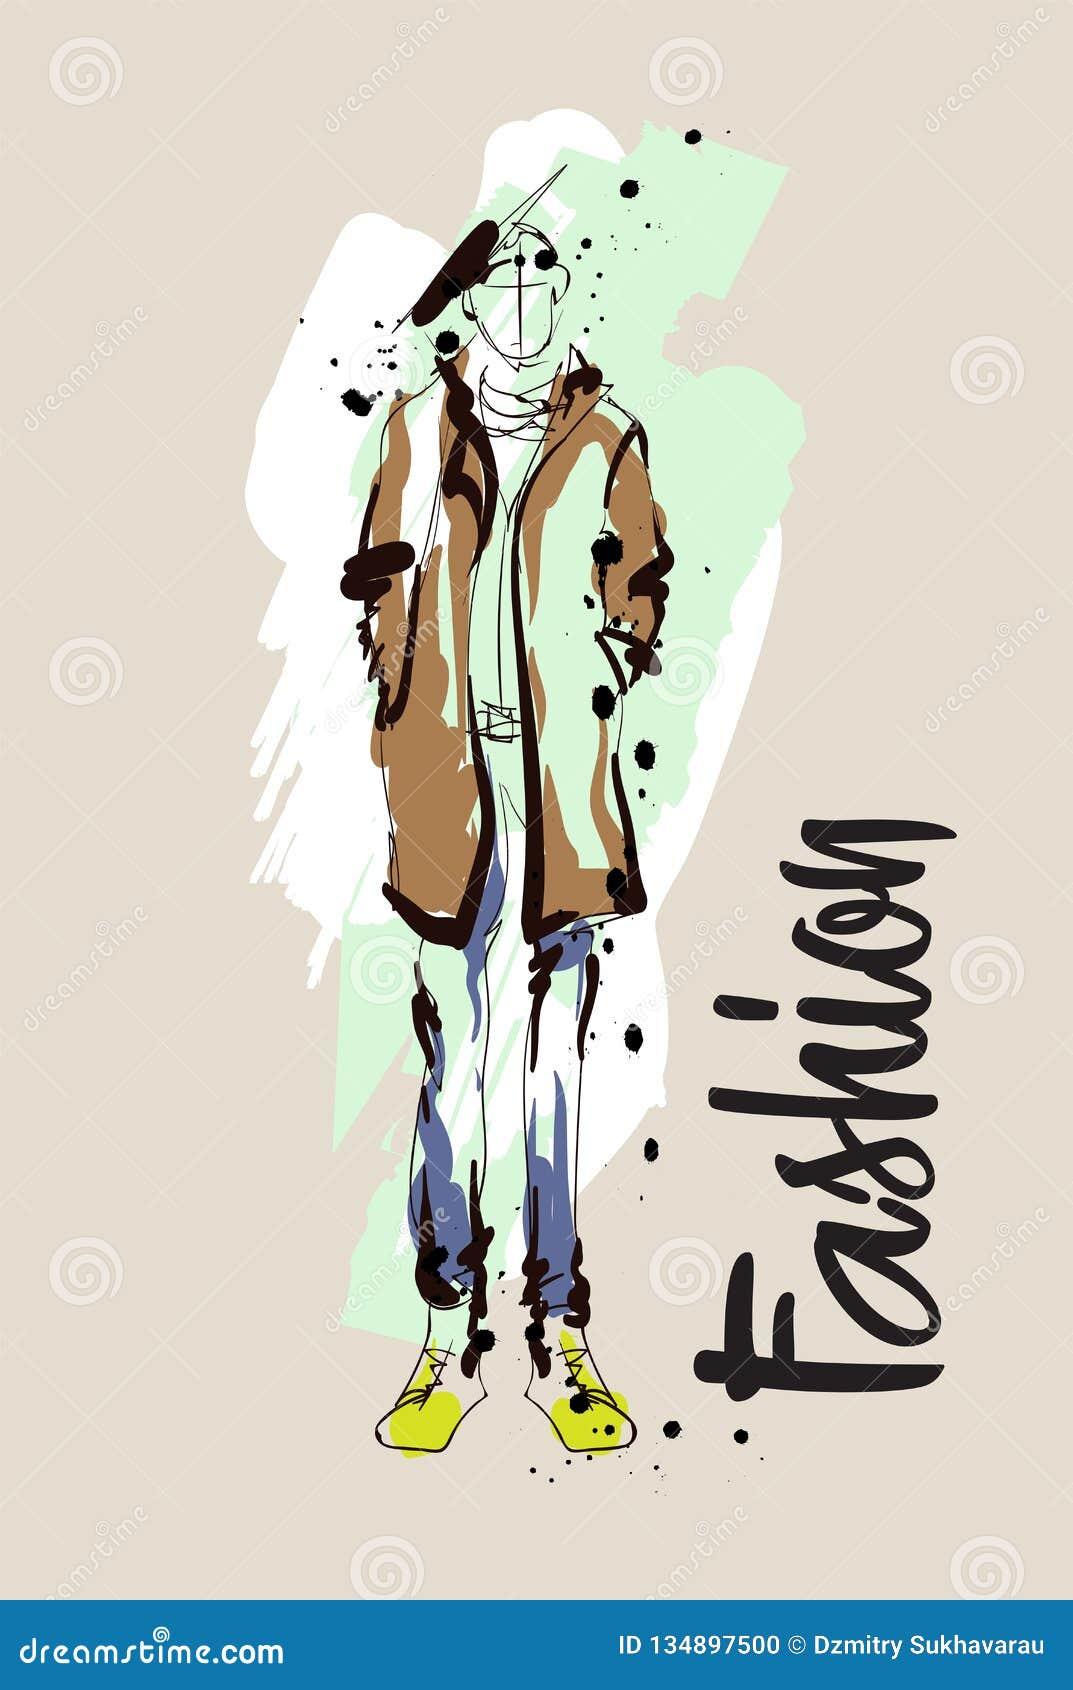 Croquis D Hommes De Mode Illustration De Mode Modeles De Dessin Illustration De Vecteur Illustration Du Modeles Dessin 134897500